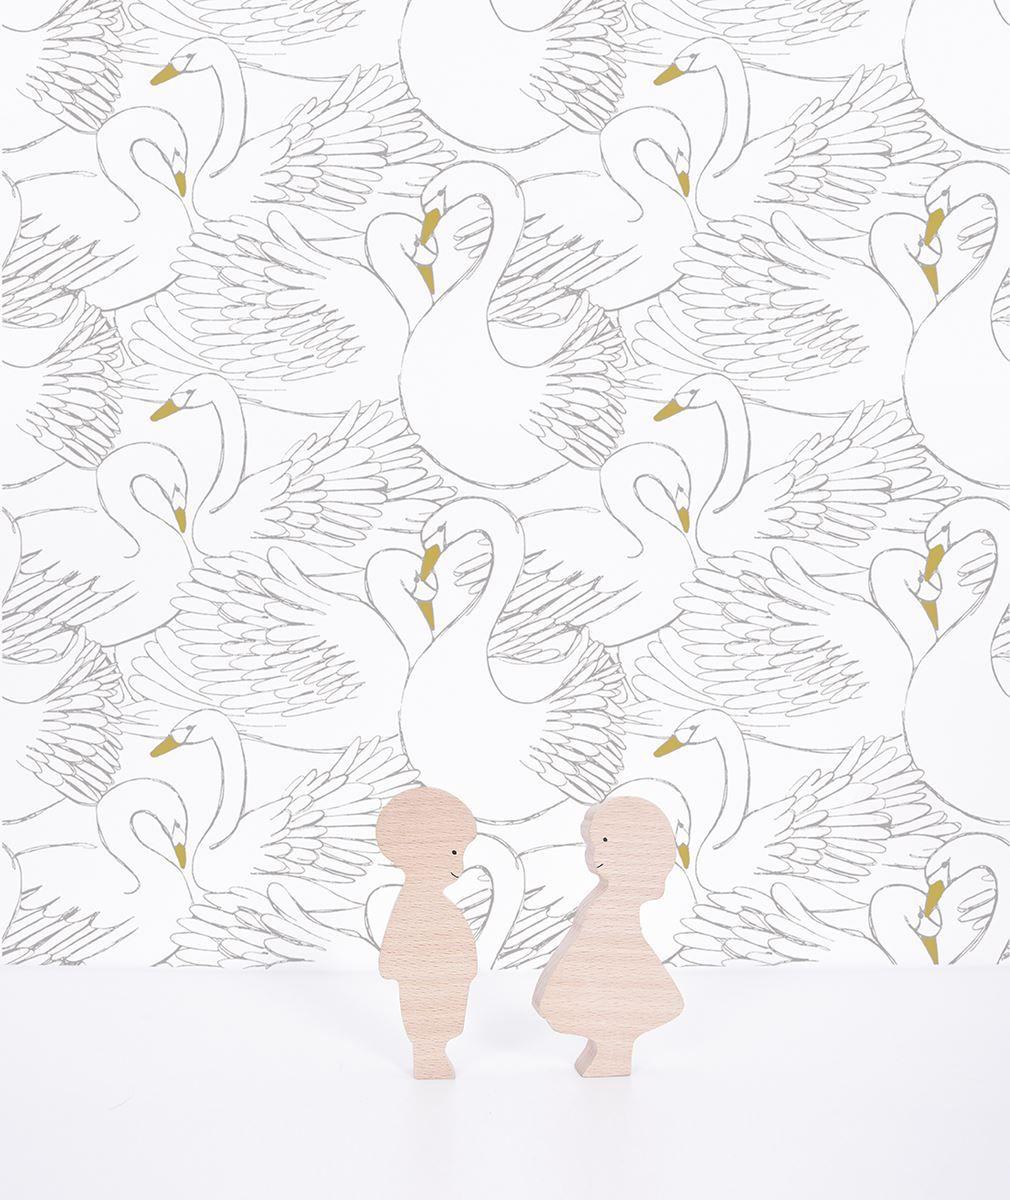 Au Fil Des Couleurs On Instagram Detail Du Papier Peint Pavo Parade De La Nouvelle Collection De Cole Cole And Son Cole And Son Wallpaper Stunning Wallpapers